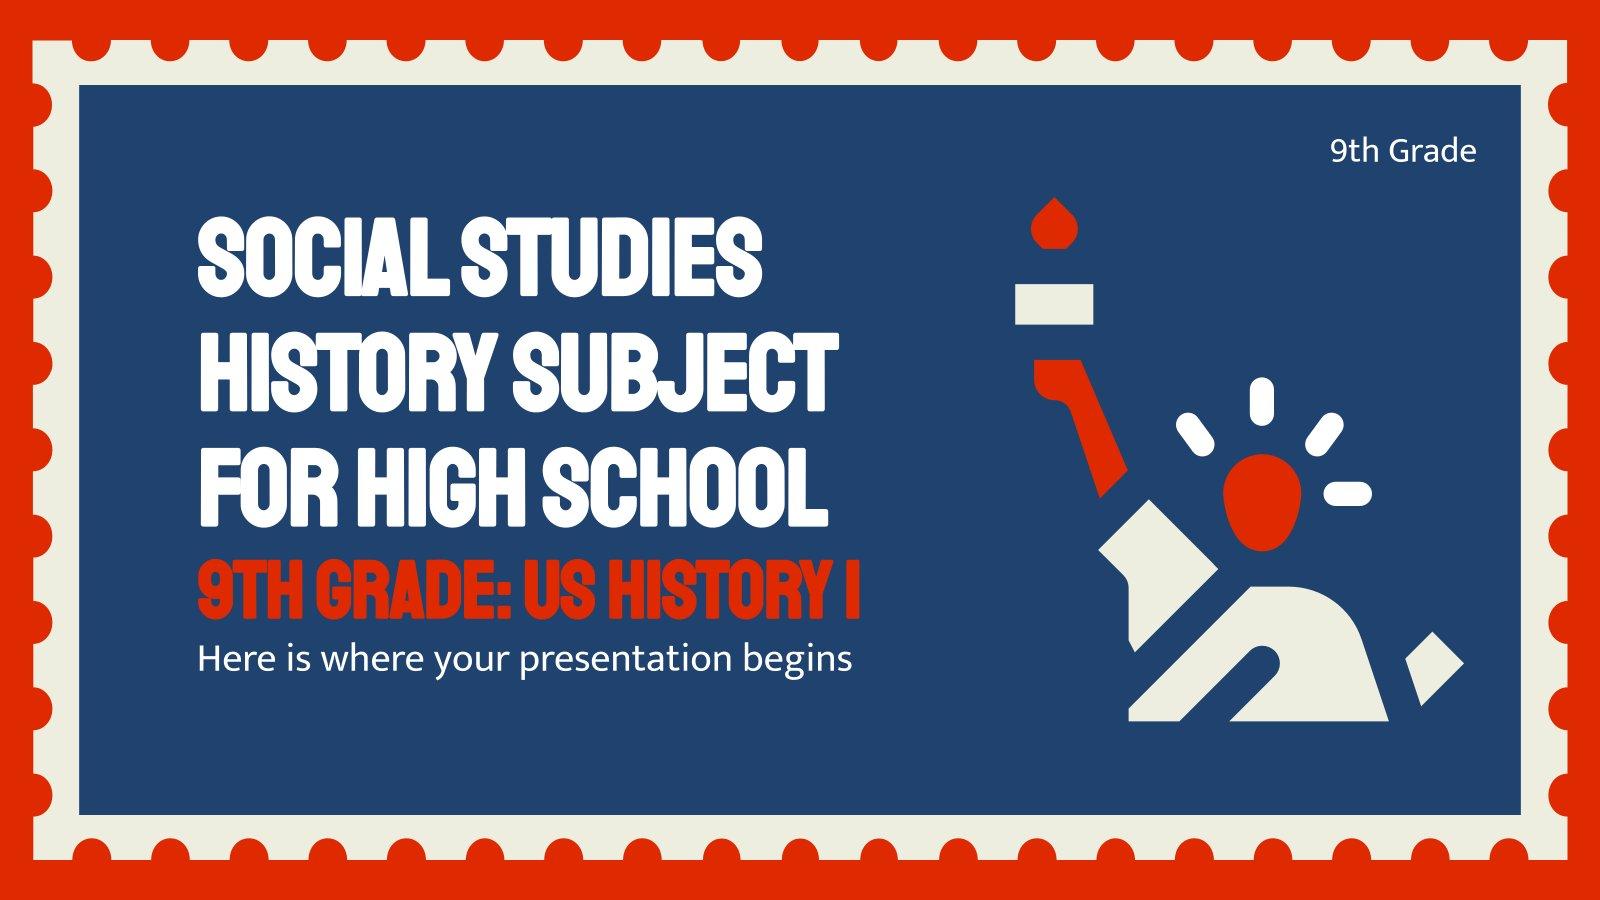 Geschichte für die- 9. Klasse: US Geschichte I Präsentationsvorlage